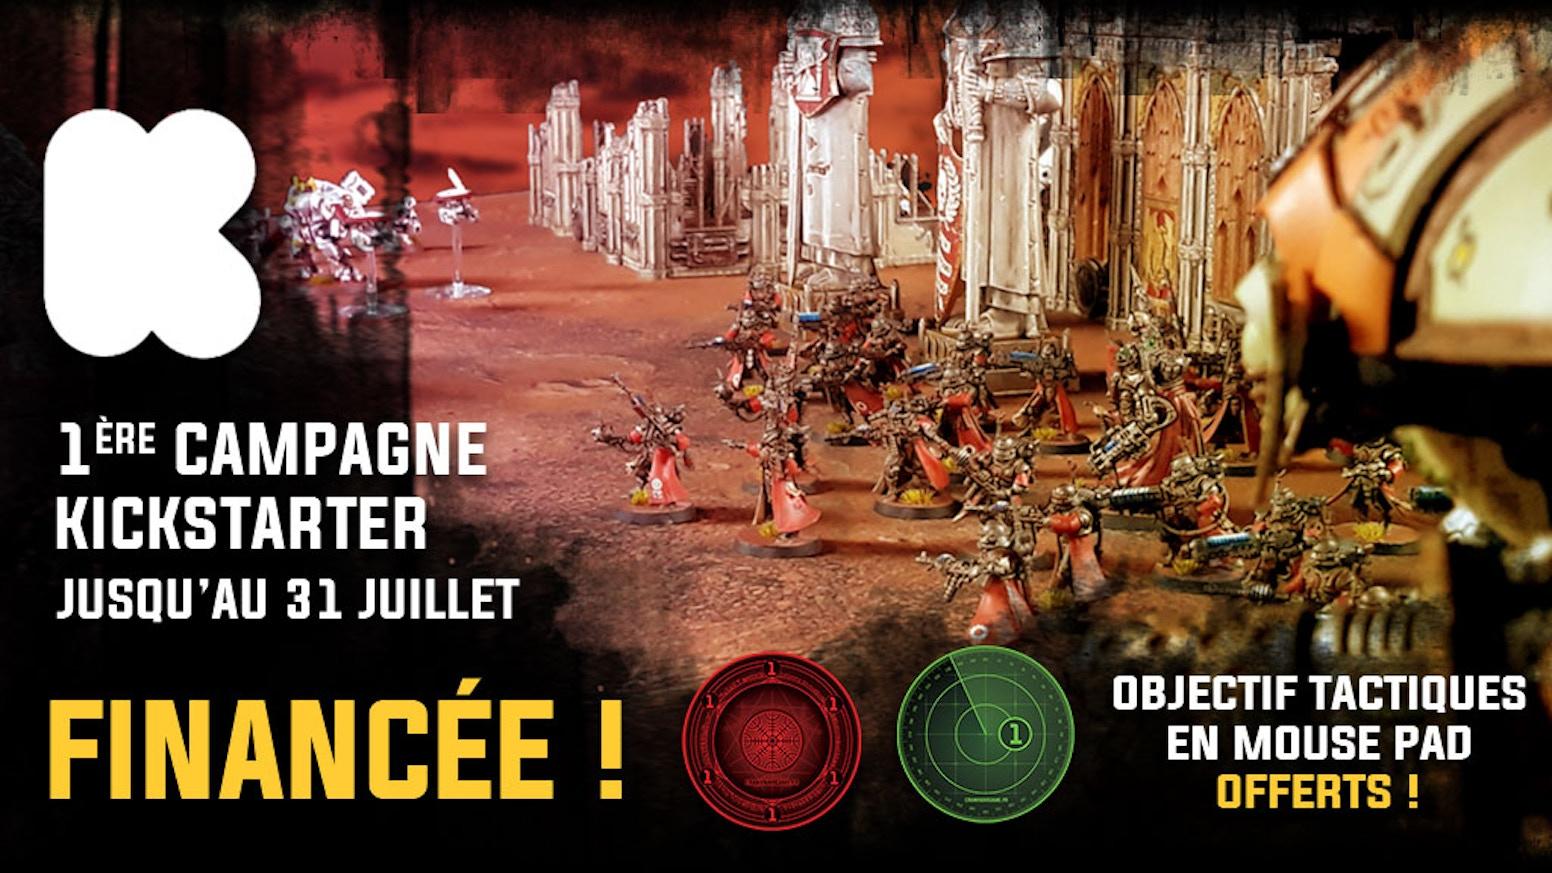 """Pré-commandez notre nouvelle collection de Gaming & Battle Mats, en avant première et à un tarif spécial """"Kick Starter""""."""